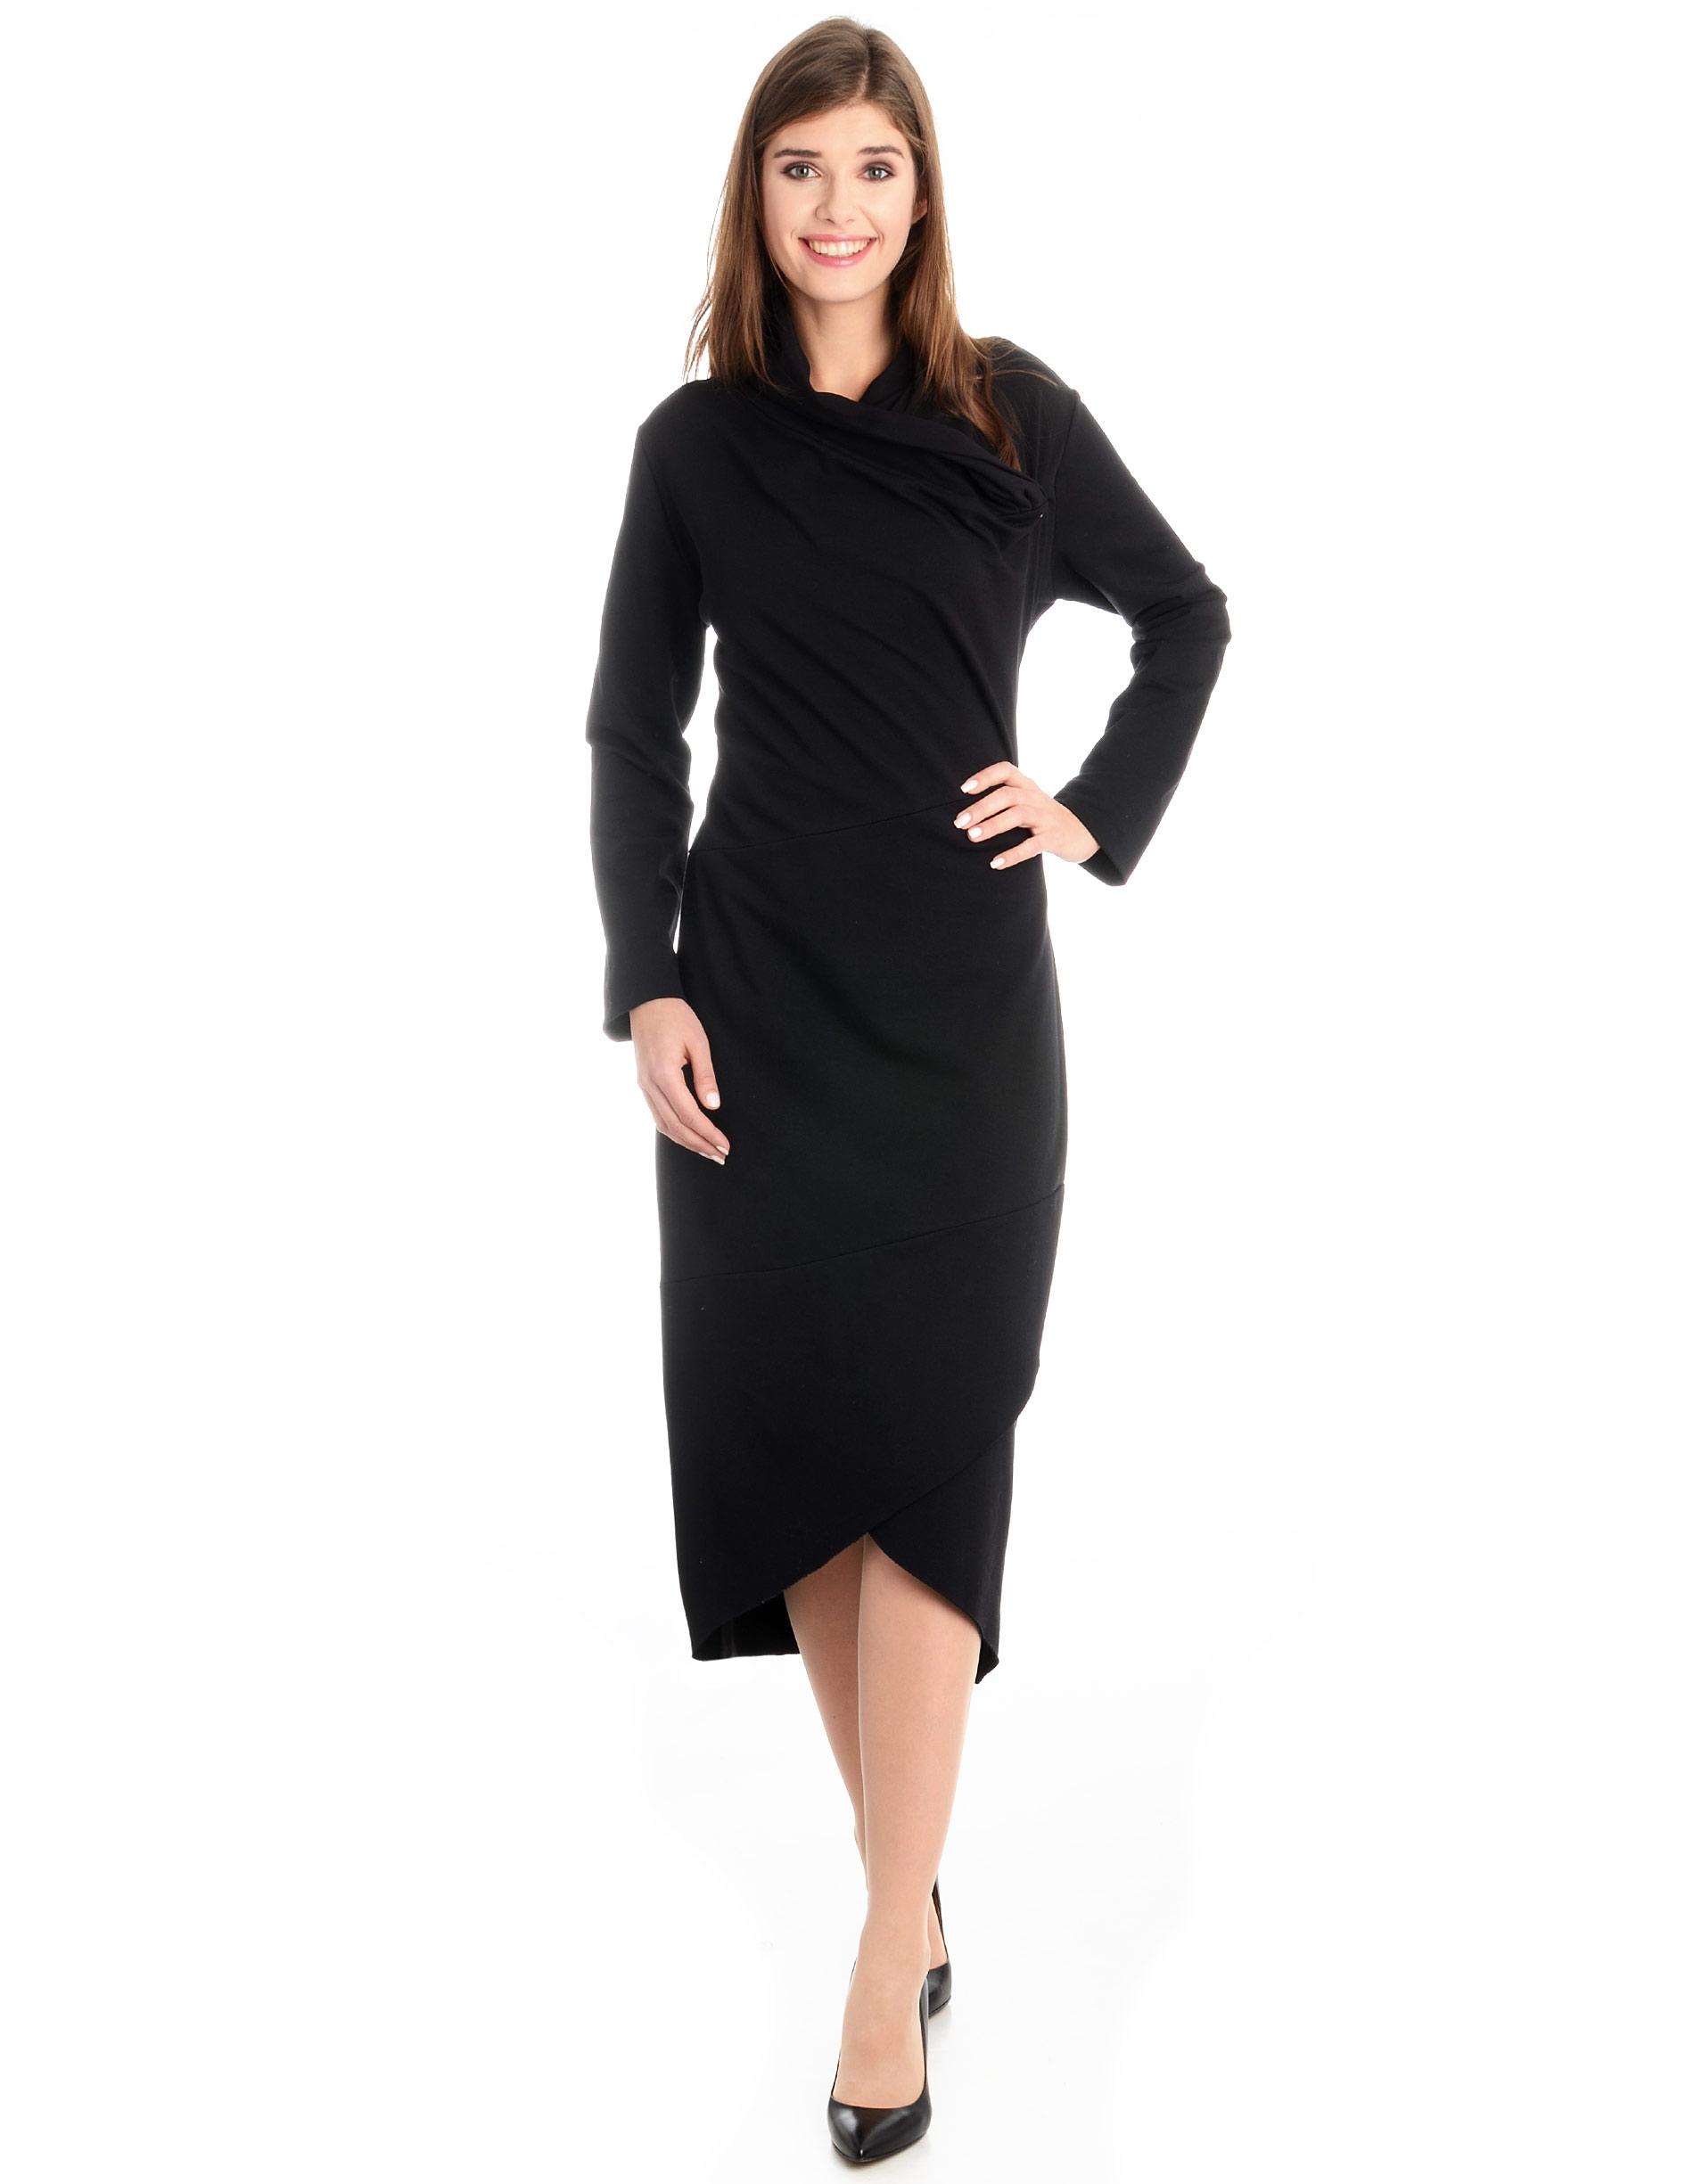 Sukienka - 118-754 NERO - Unisono